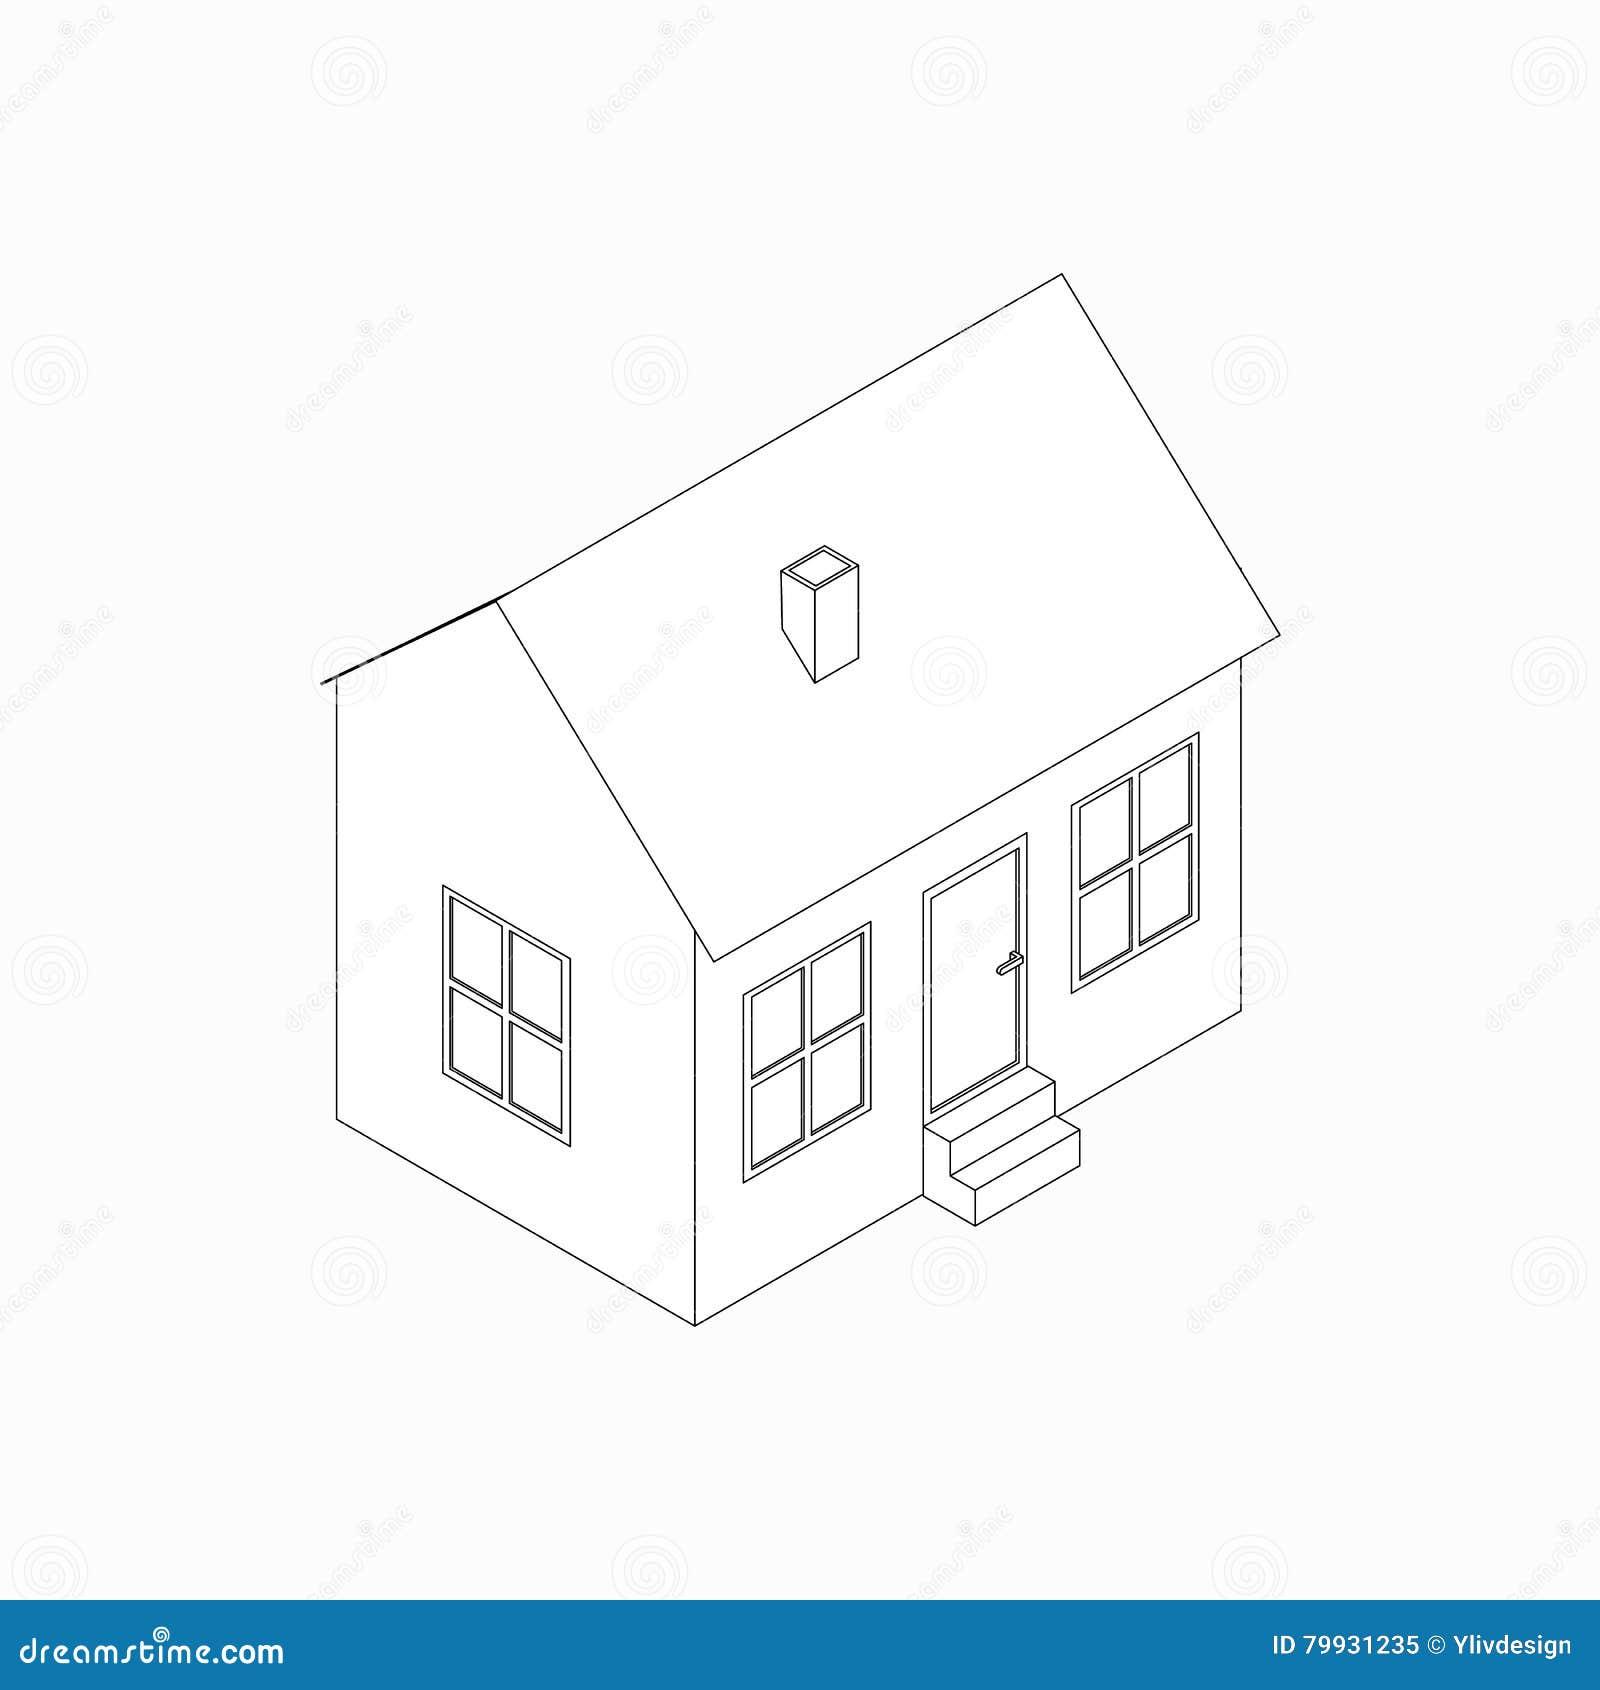 Best Orientation For A Semi Detached House Joy Studio